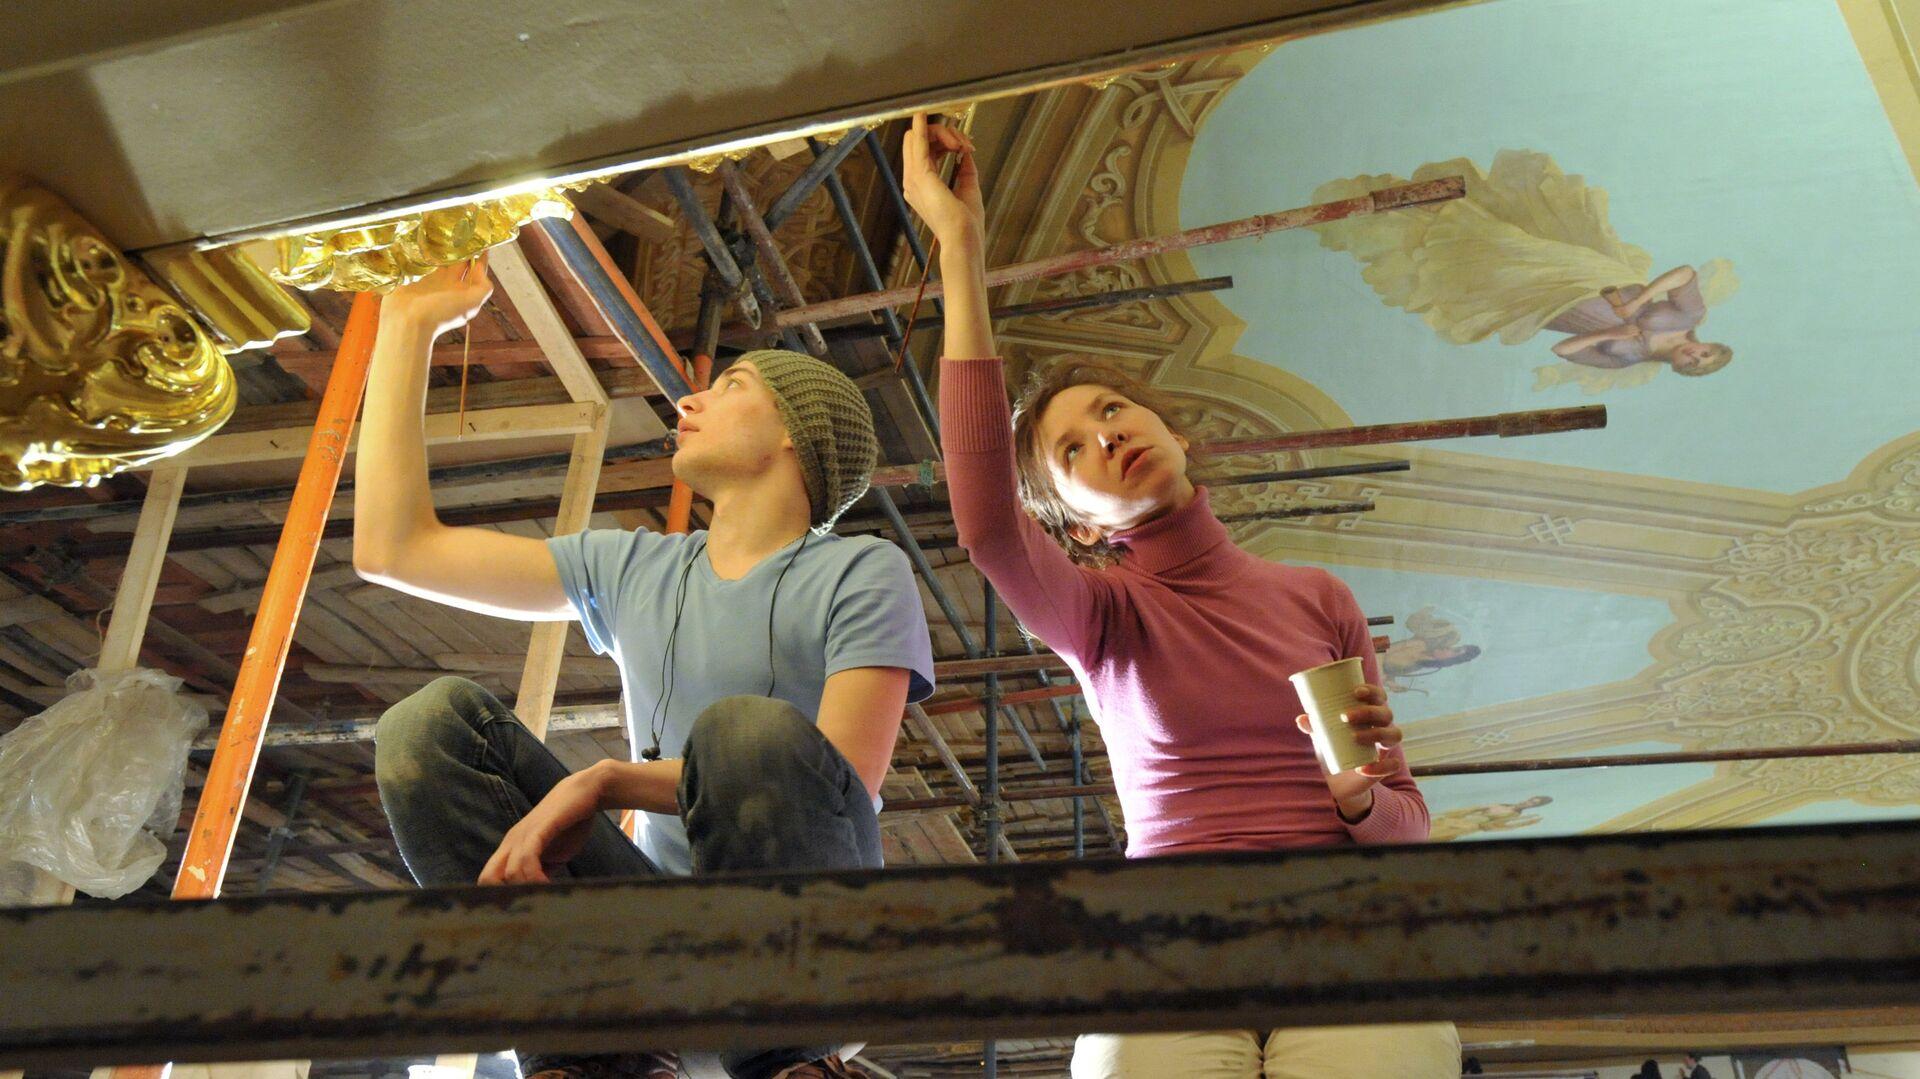 Завершение реставрации потолка в зрительном зале Большого театра - РИА Новости, 1920, 01.06.2021